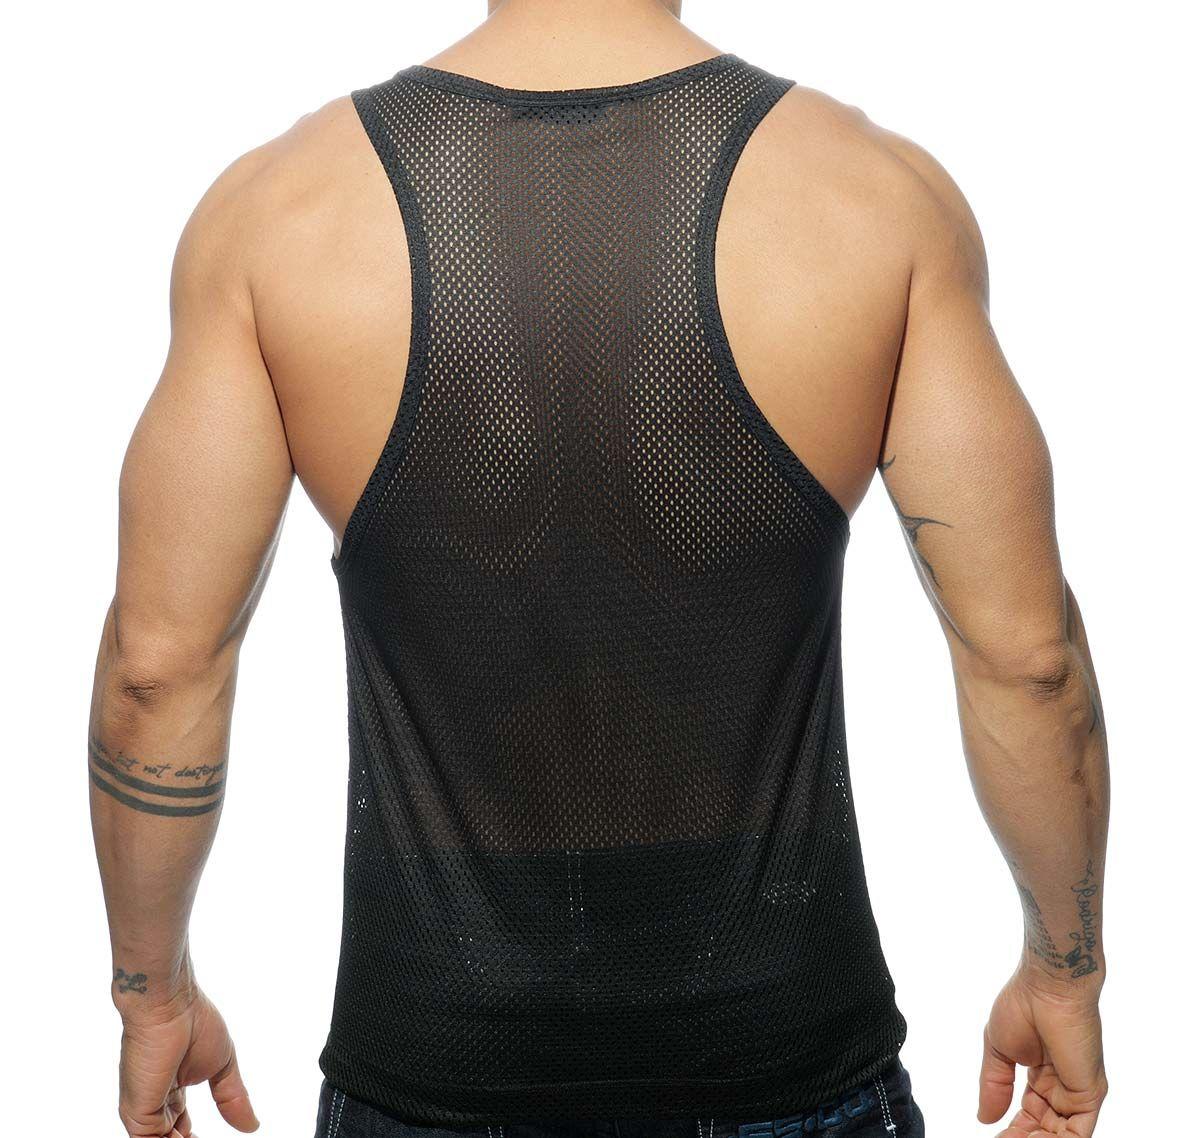 Addicted Netzshirt METAL TANK TOP AD563, schwarz silber